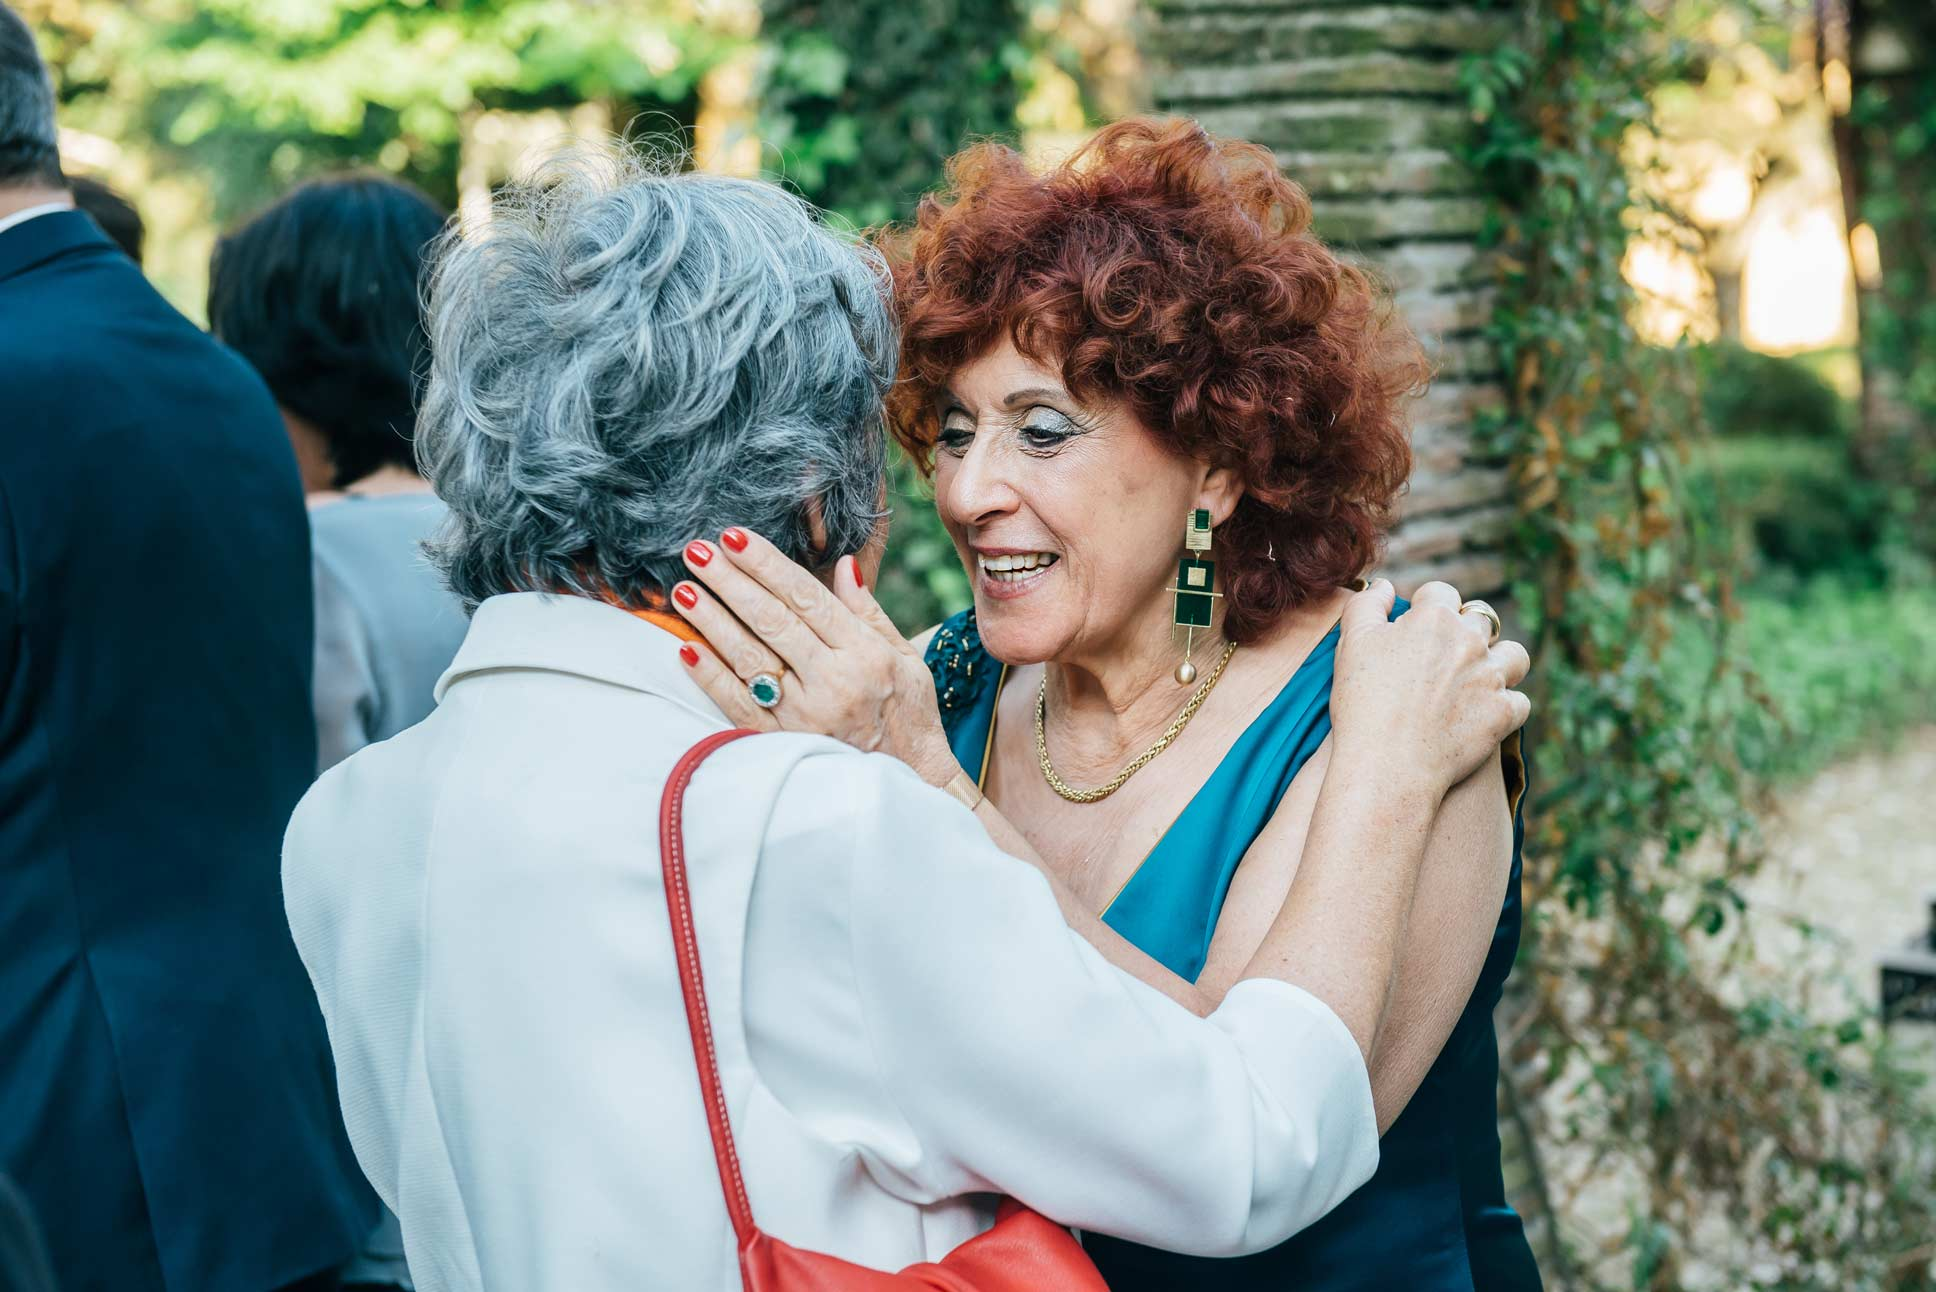 Fotografi-Di-Matrimonio-Roma-Ricevimento